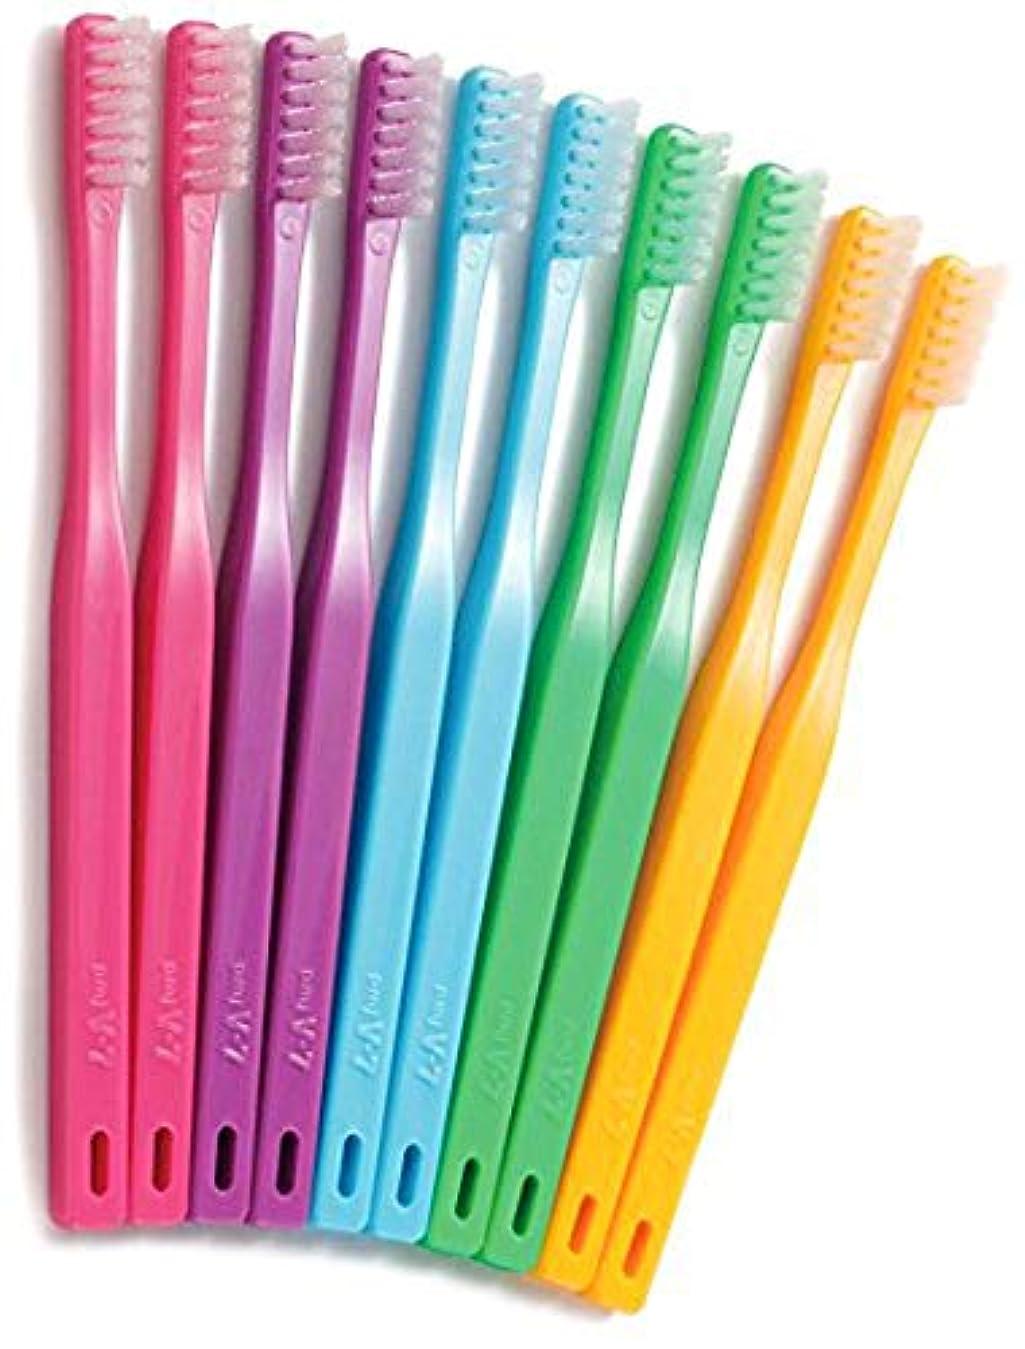 つまようじ法歯ブラシ V-7 ビビッドカラー レギュラーヘッド 5本